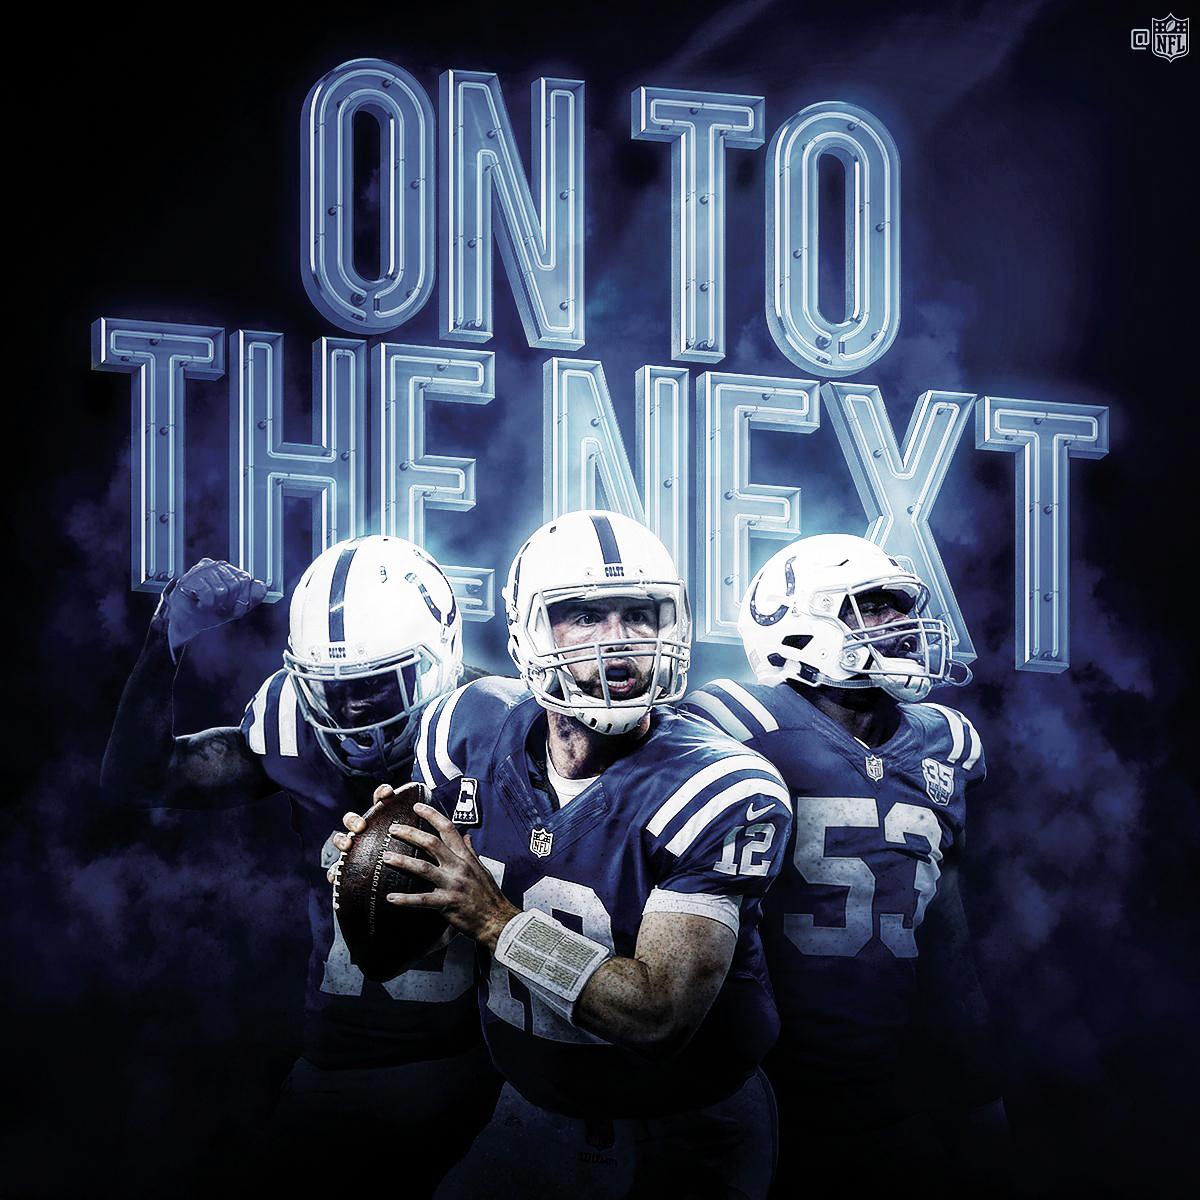 Fácil triunfo de los Colts en tierras texanas